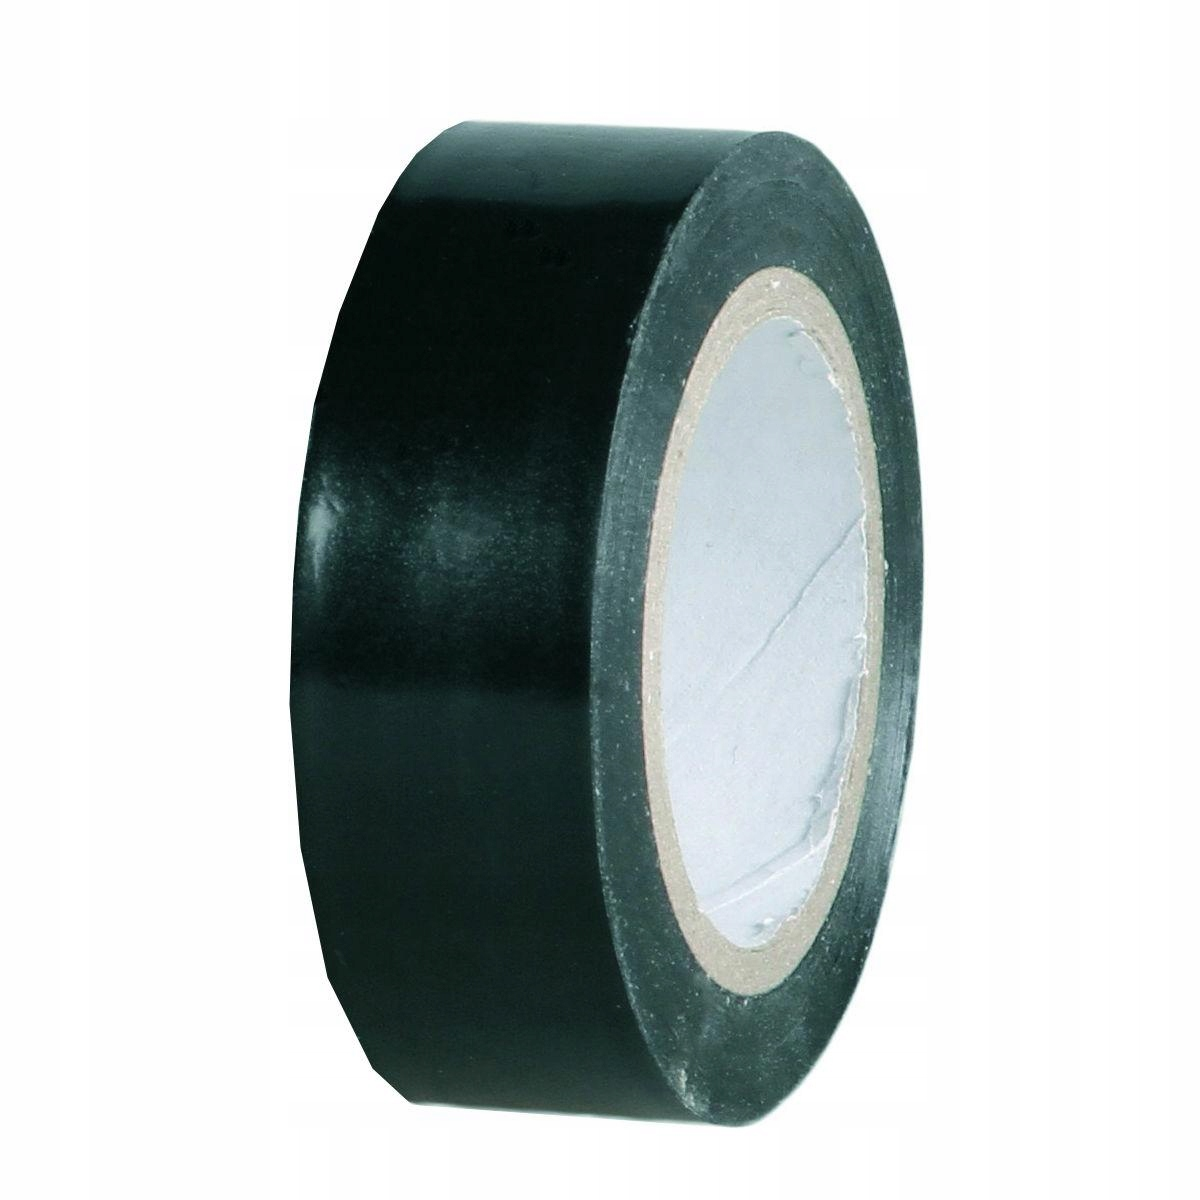 Изоляция изоляционные изоляция пленки черный 19mm x 10m